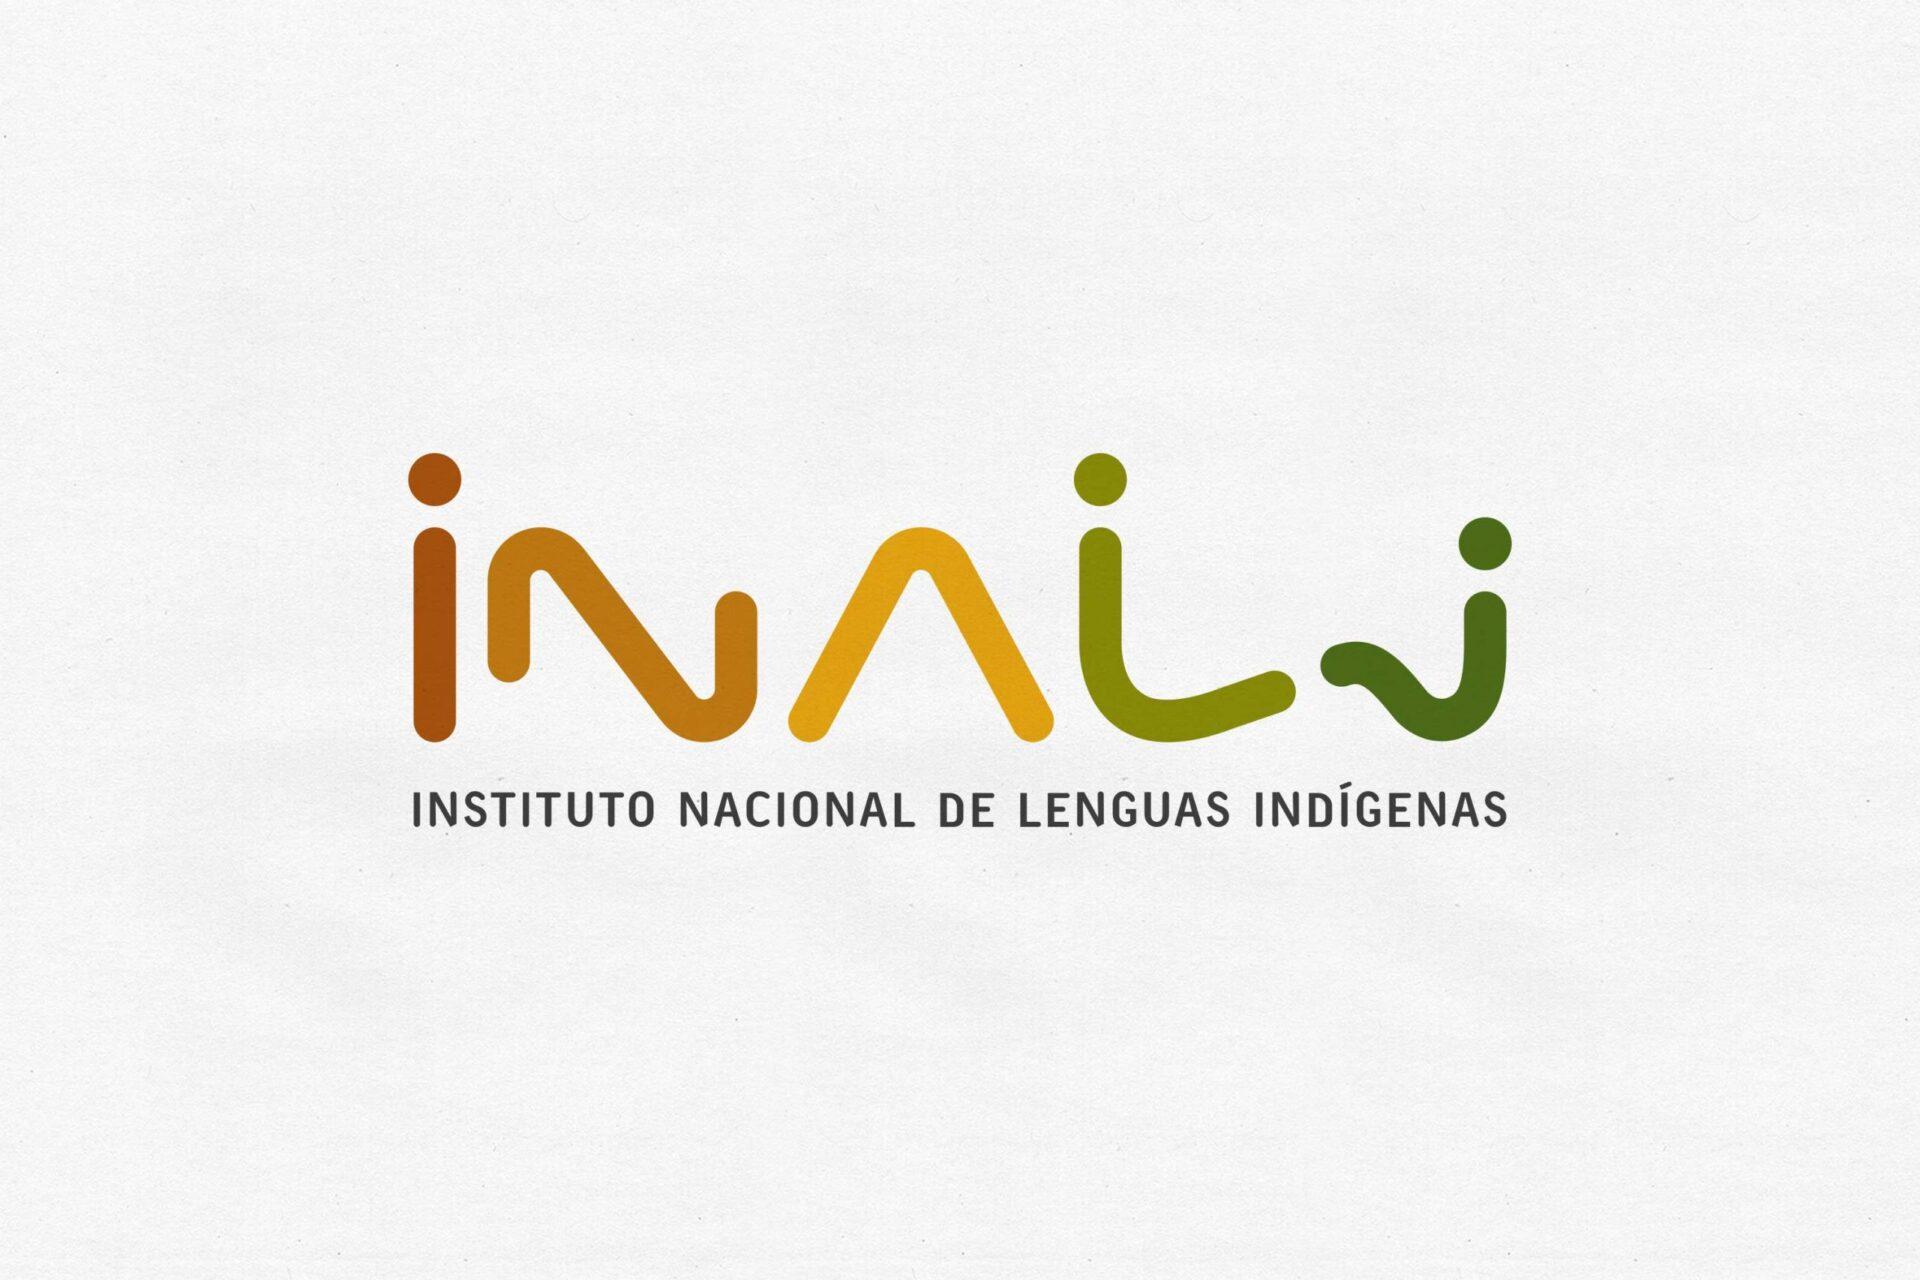 INALI-01